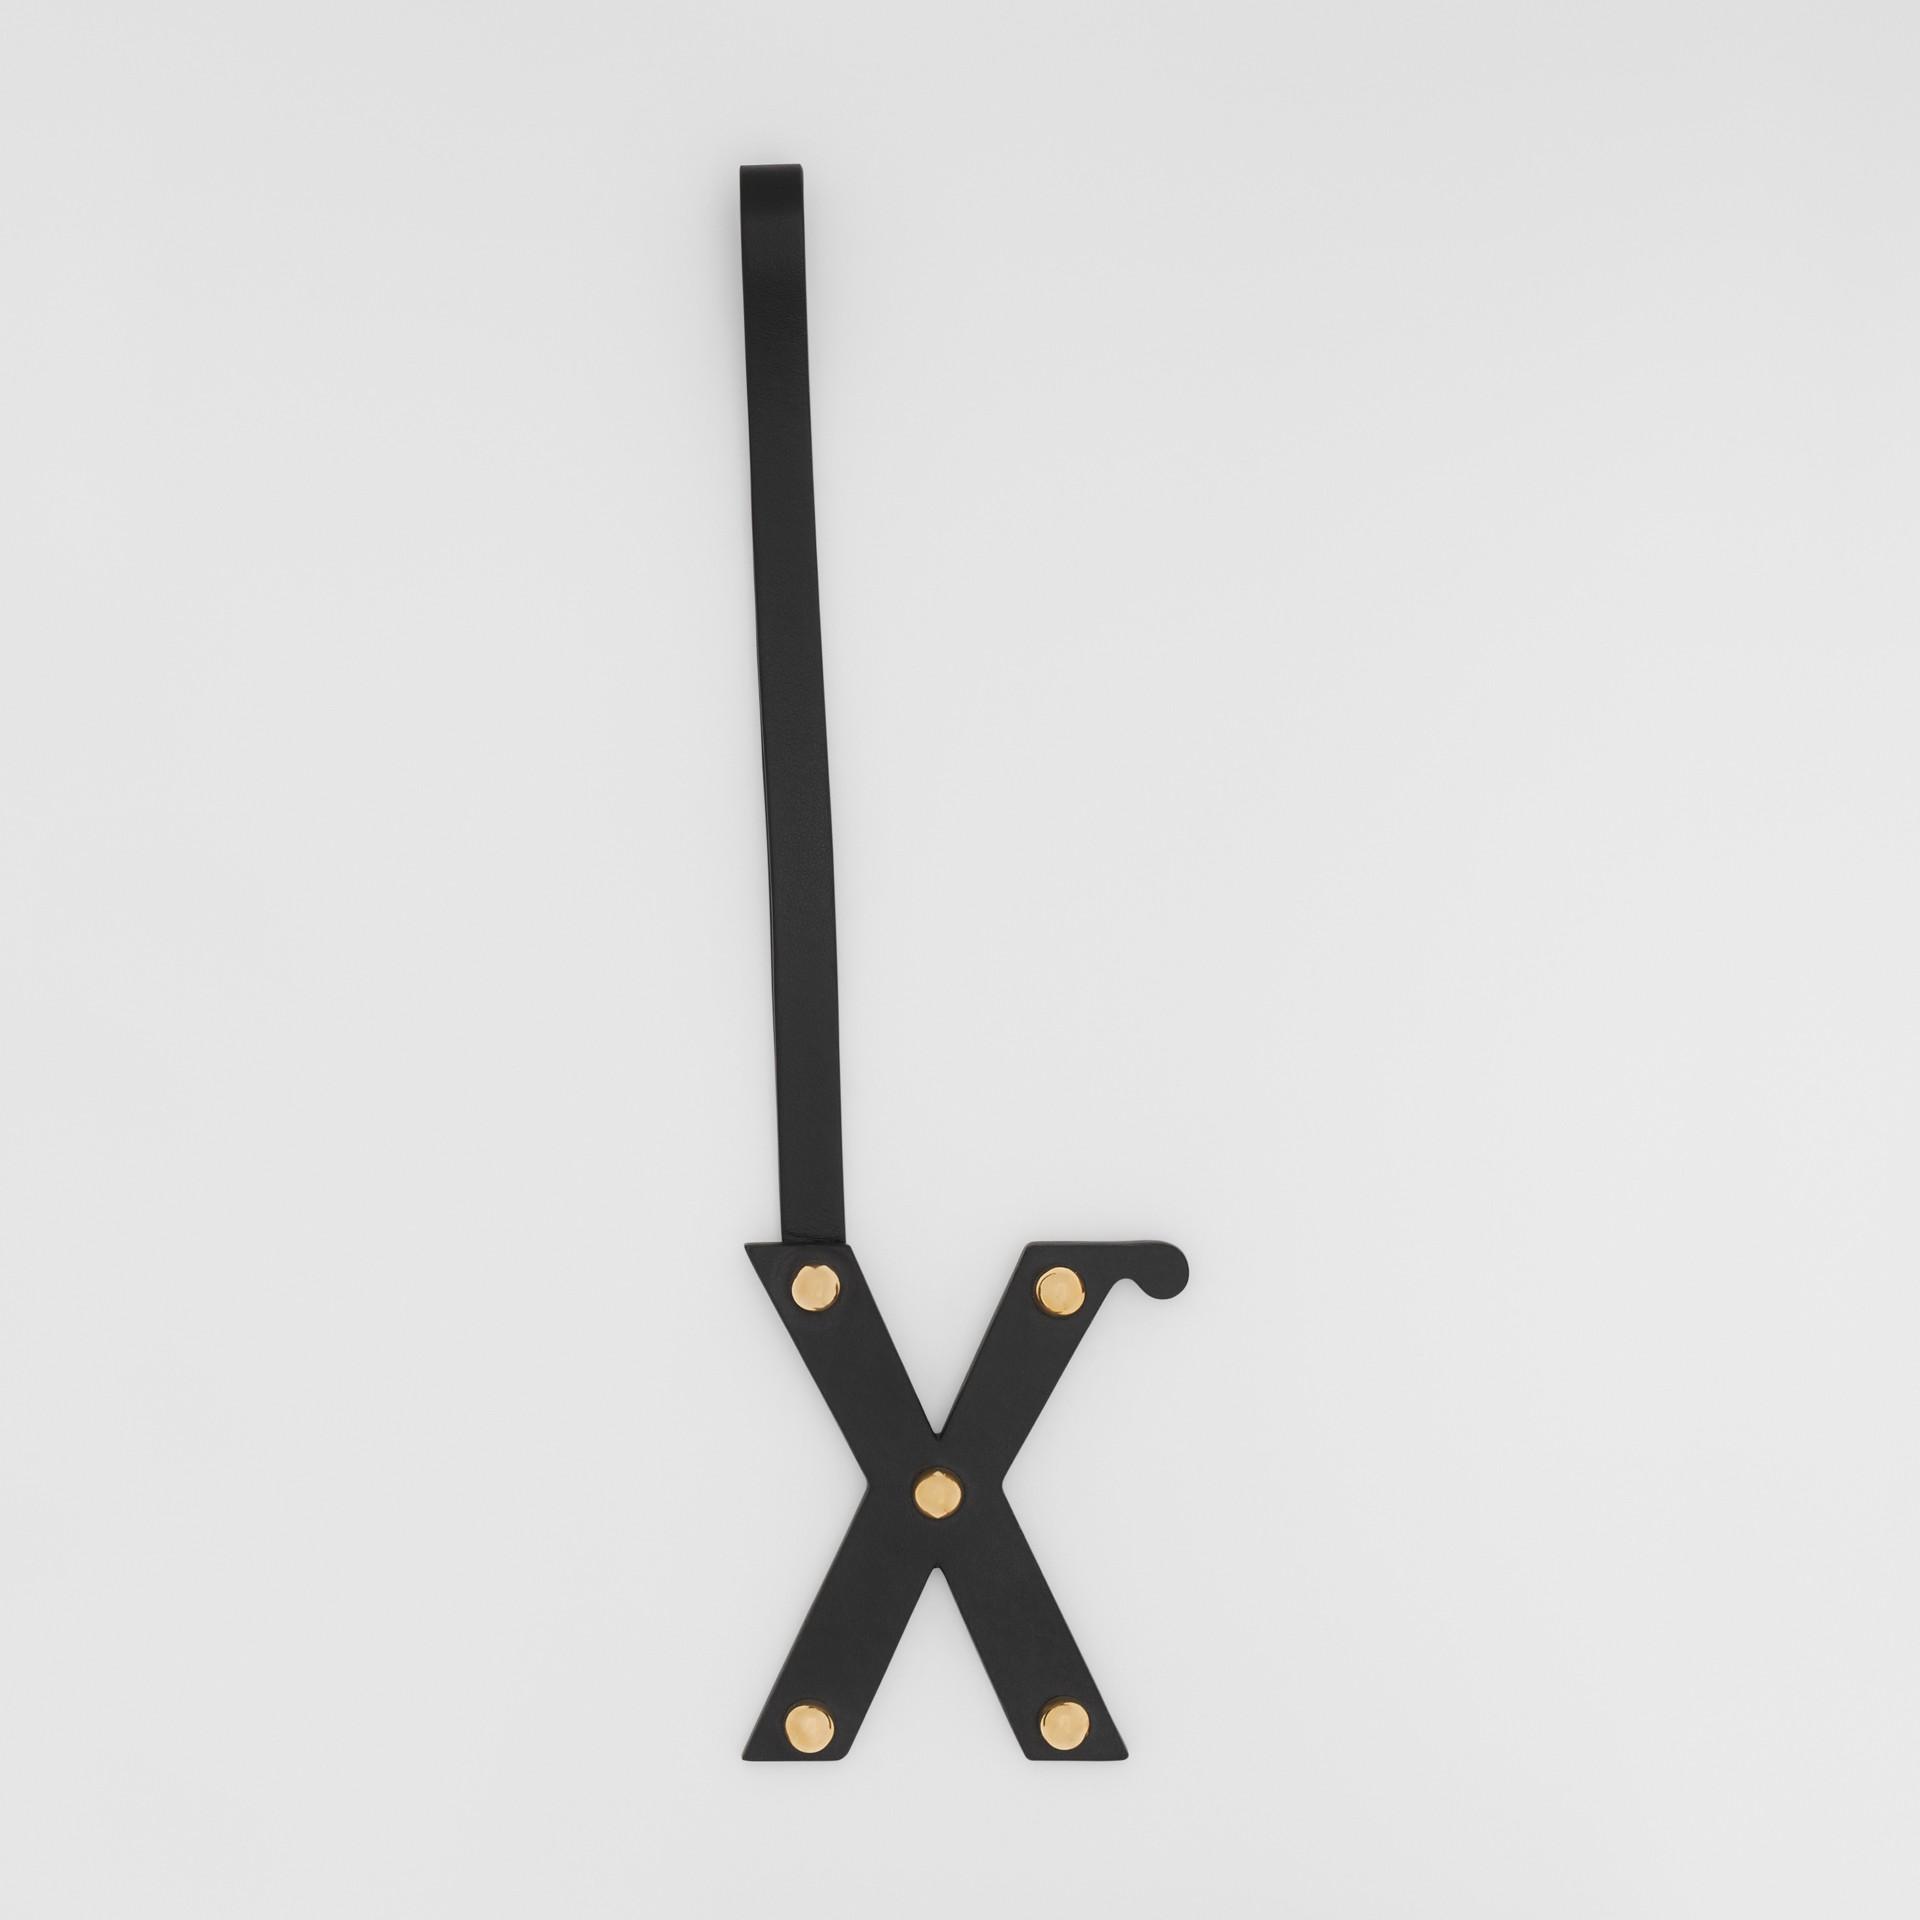 「X」スタッズレザー アルファベットチャーム (ブラック/ライトゴールド) | バーバリー - ギャラリーイメージ 0